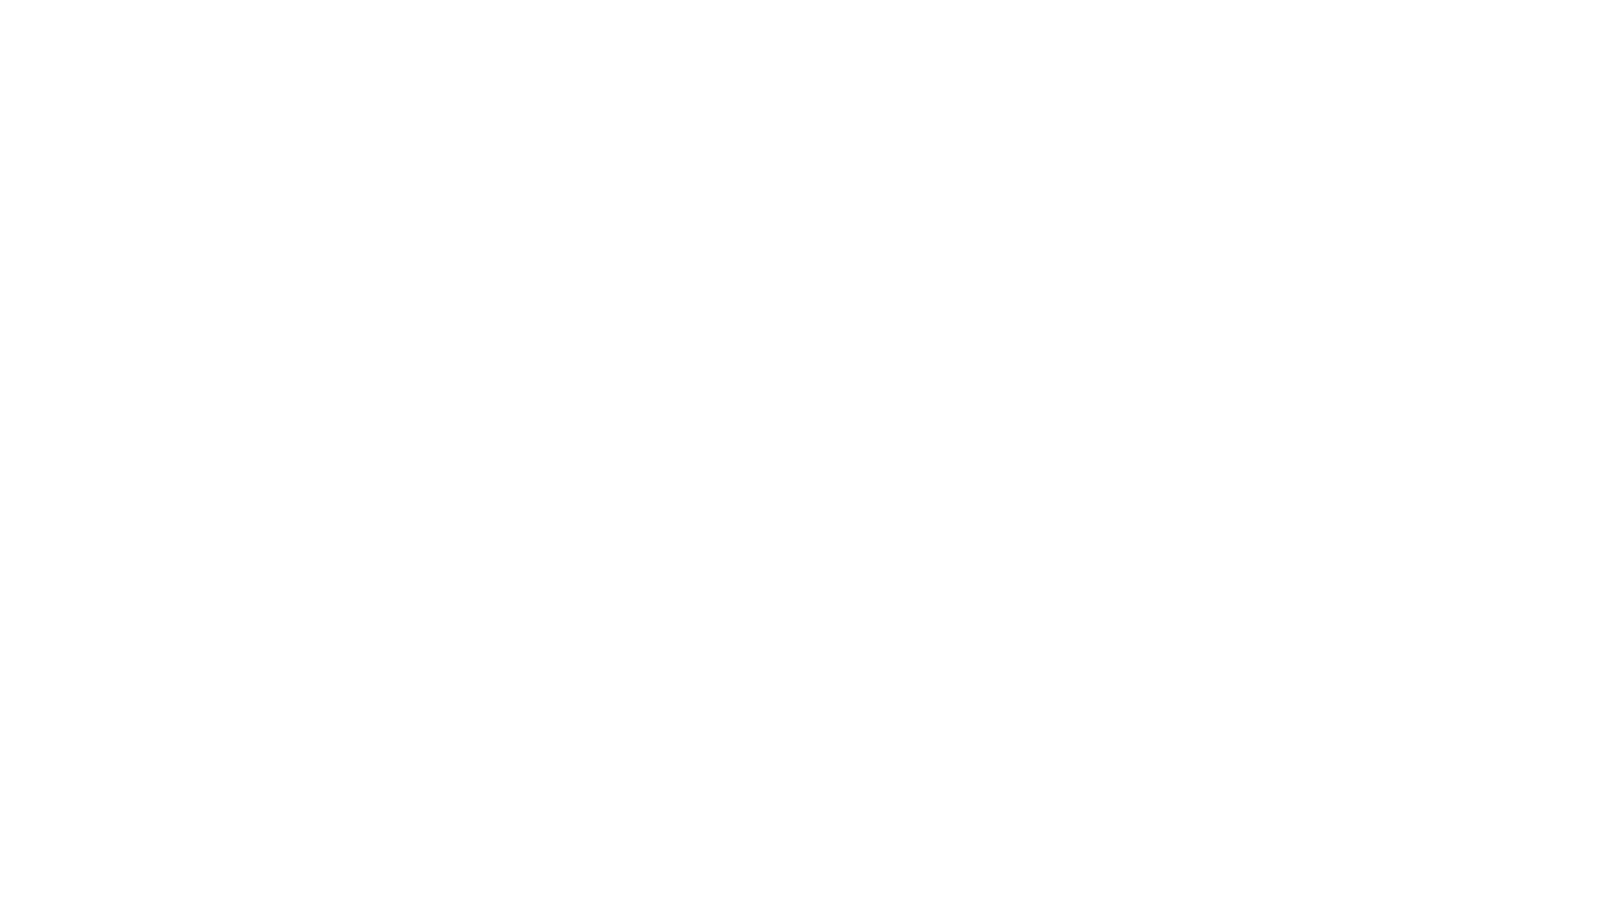 Le Audionews di Ondawebtv #lenotizieinpositivo 27 maggio *A Toni Servillo il Nastro d'Argento alla carriera *Riapre il Real Sito di Carditello. Le date *Parco Reale della Reggia di Caserta. I progetti di valorizzazione  *Sidef e Manzoni. Convegno online Buon ascolto